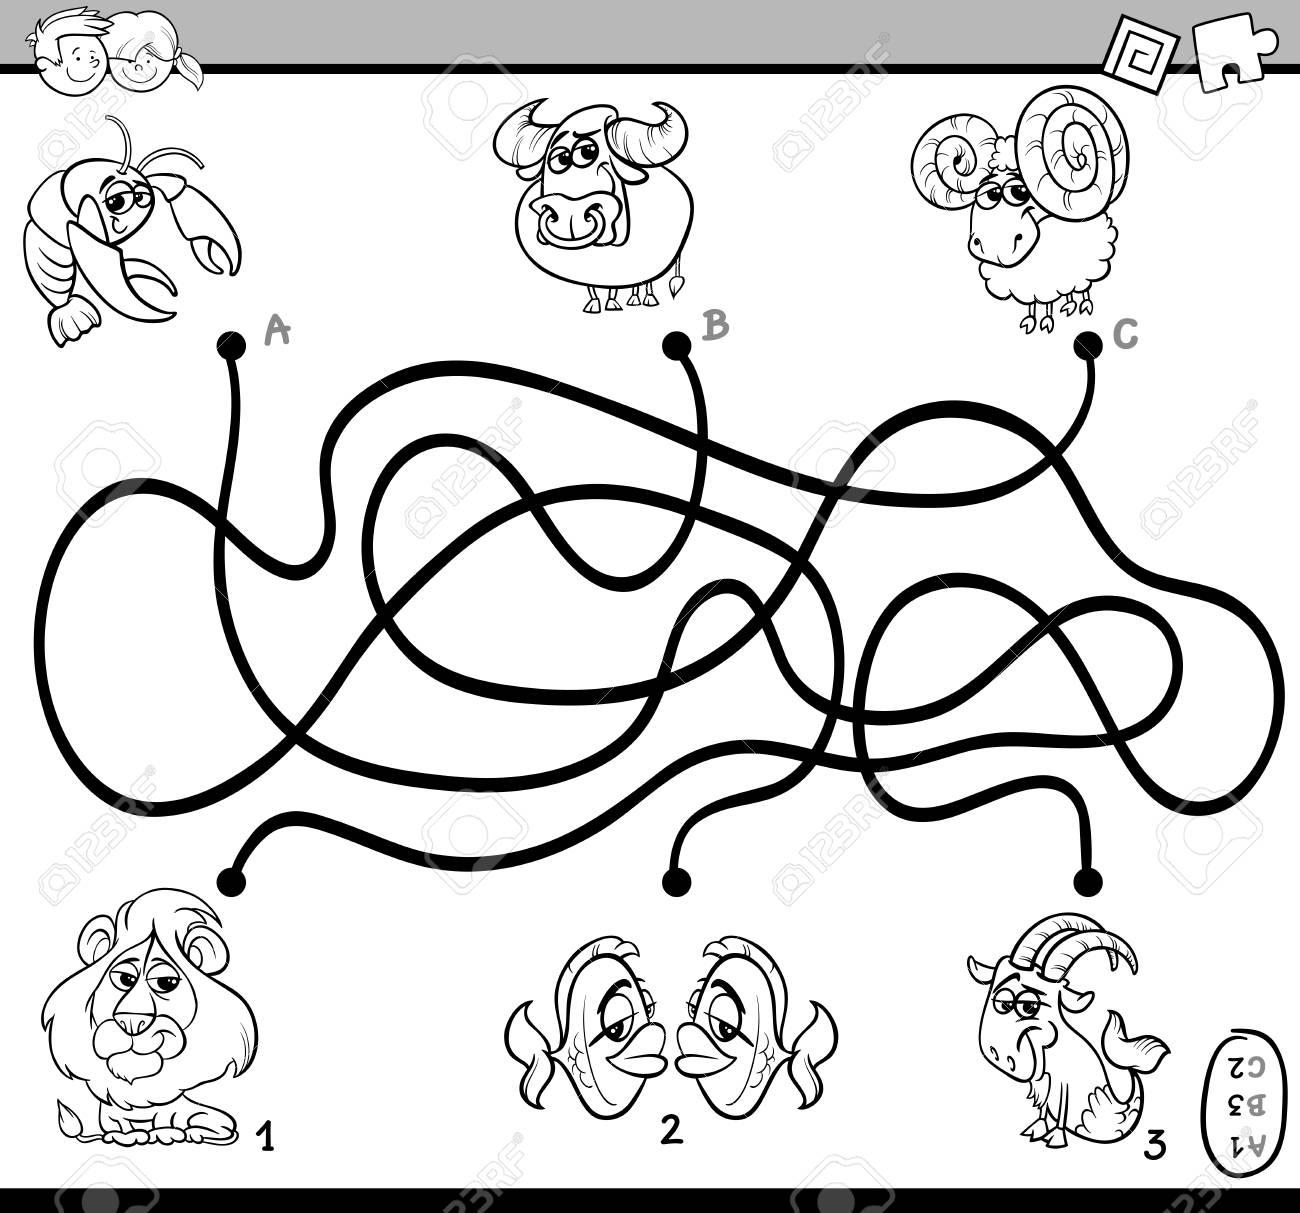 Ilustración De Dibujos Animados Blanco Y Negro De Rutas Educativas O Laberinto Actividad De Rompecabezas Tarea Para El Libro De Colorear De Niños En